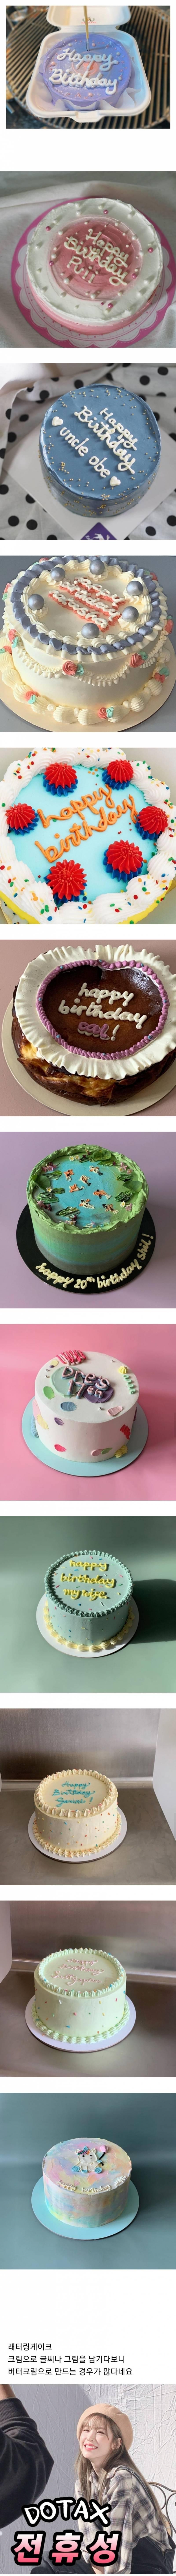 맛은 모르겠는데 이쁘긴 엄청 이쁘다는 케이크.......jpg   인스티즈